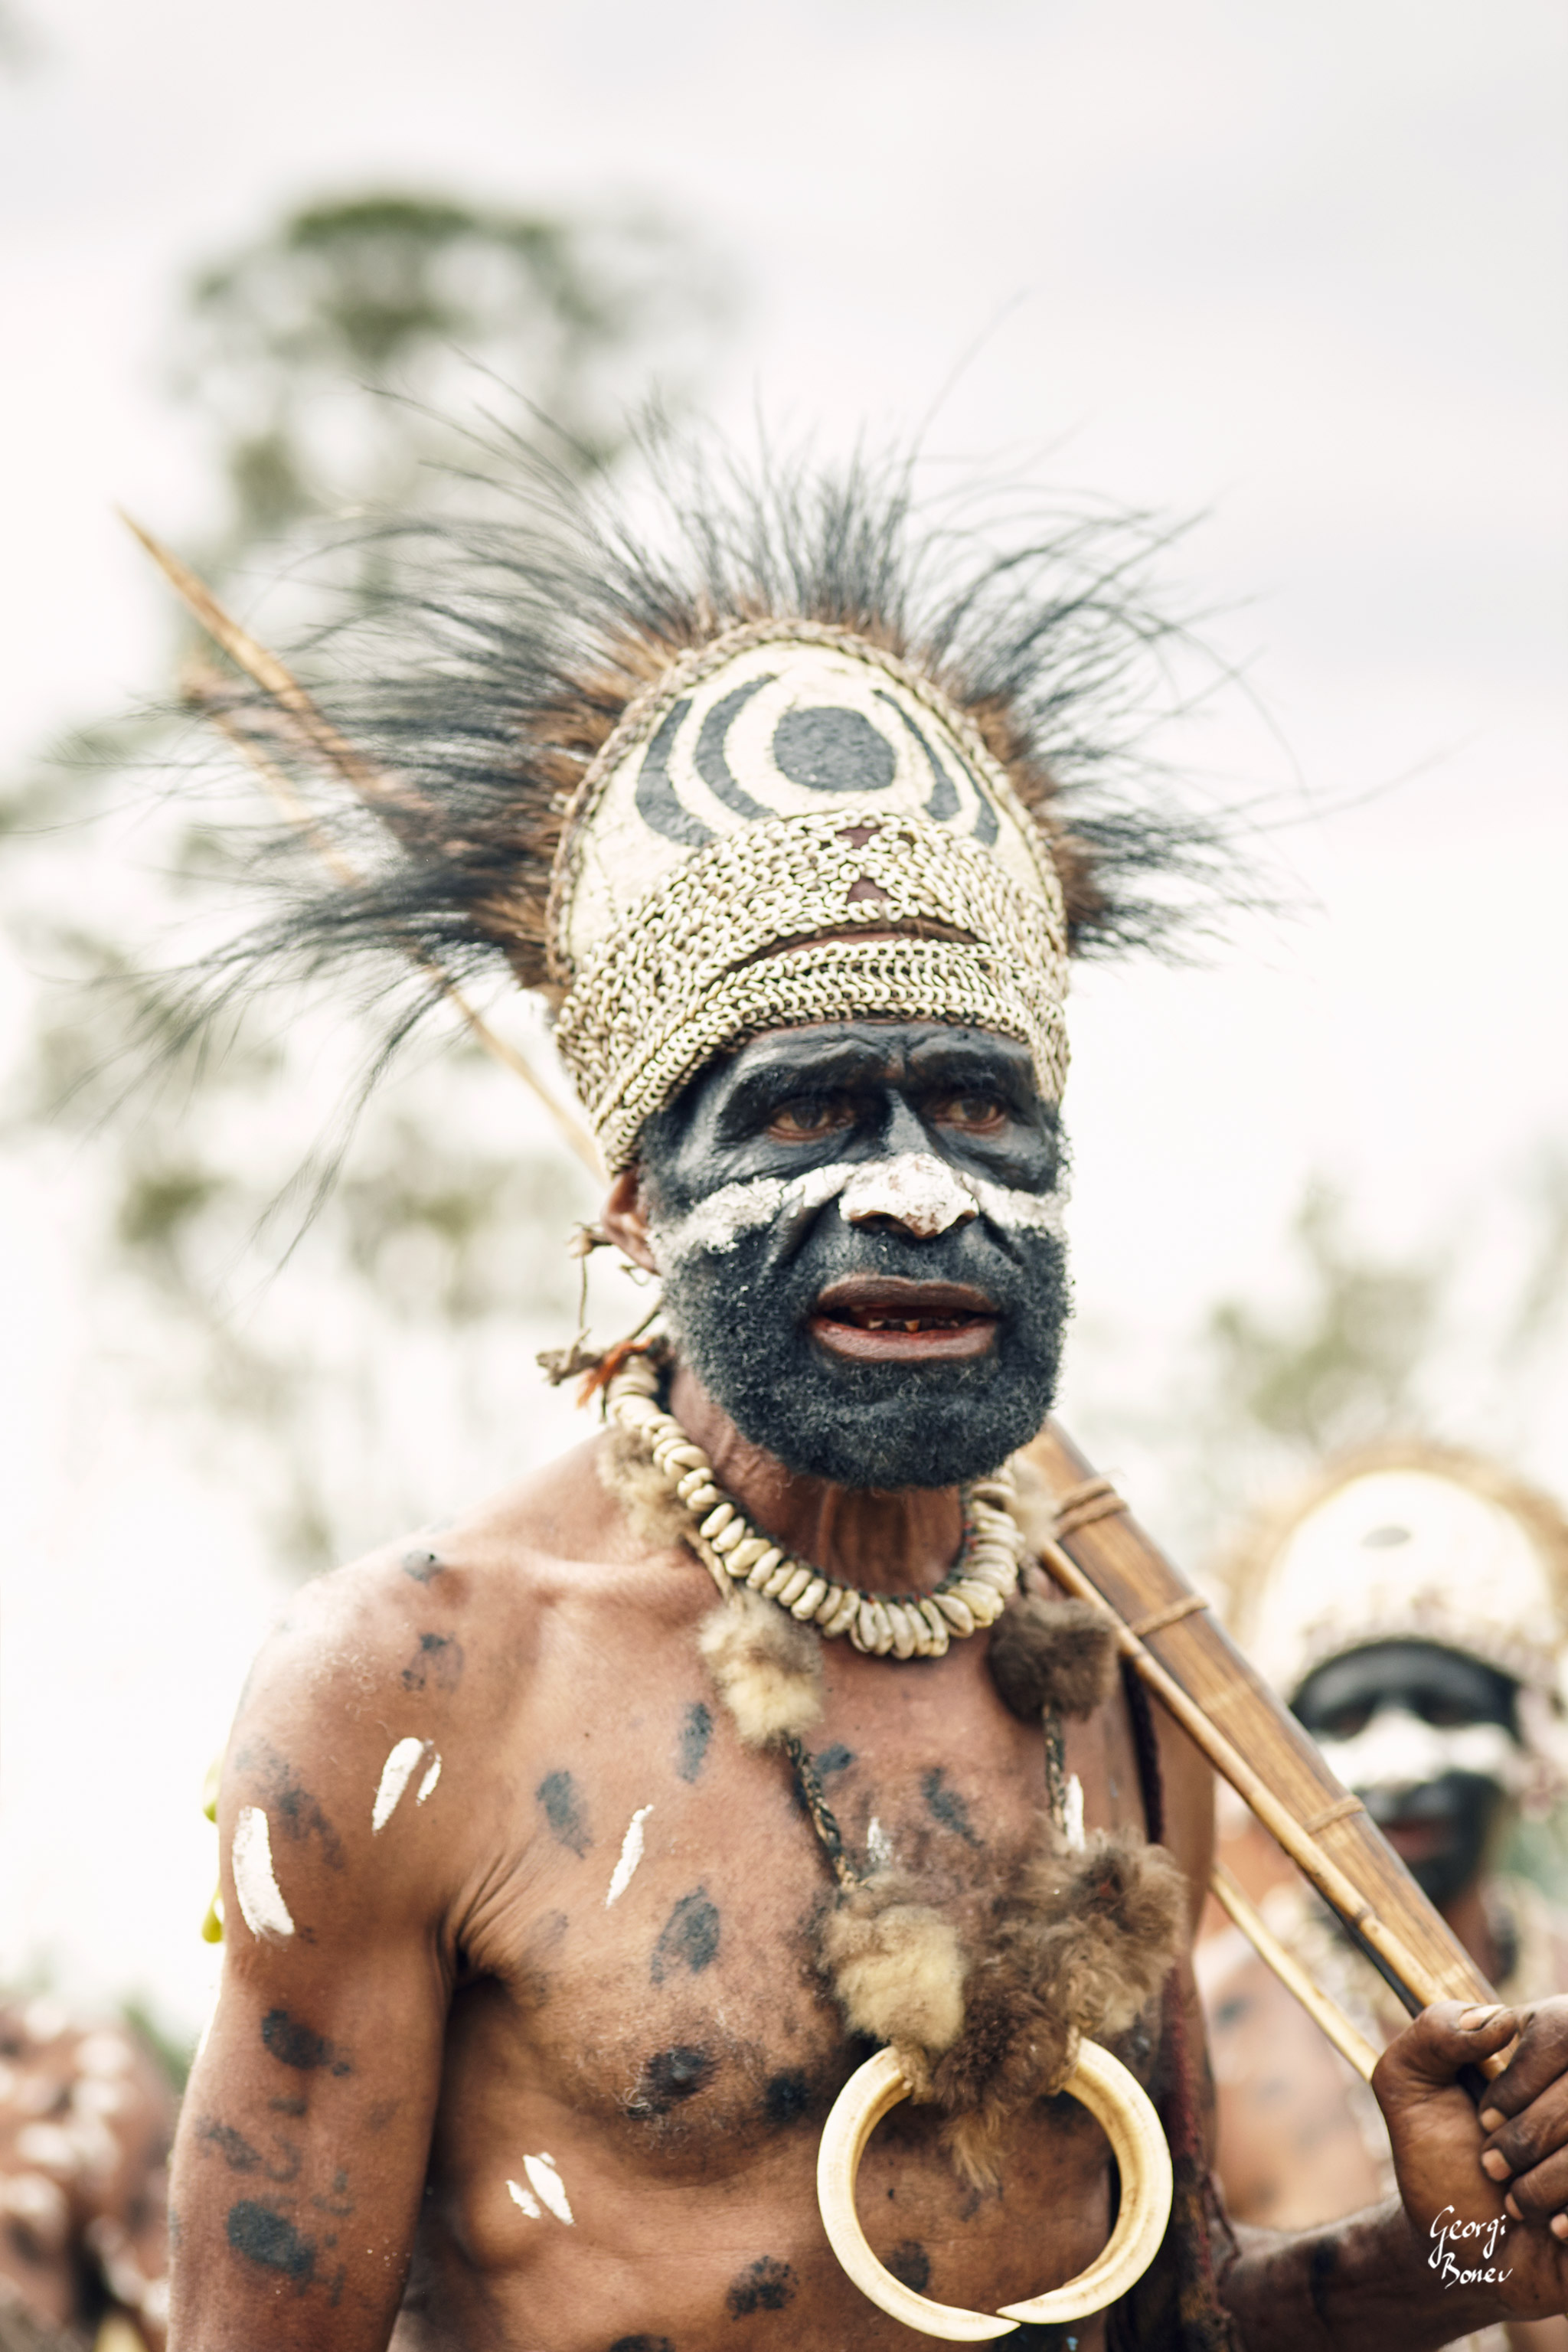 GILABANI WARRIOR IN PAPUA NEW GUINEA